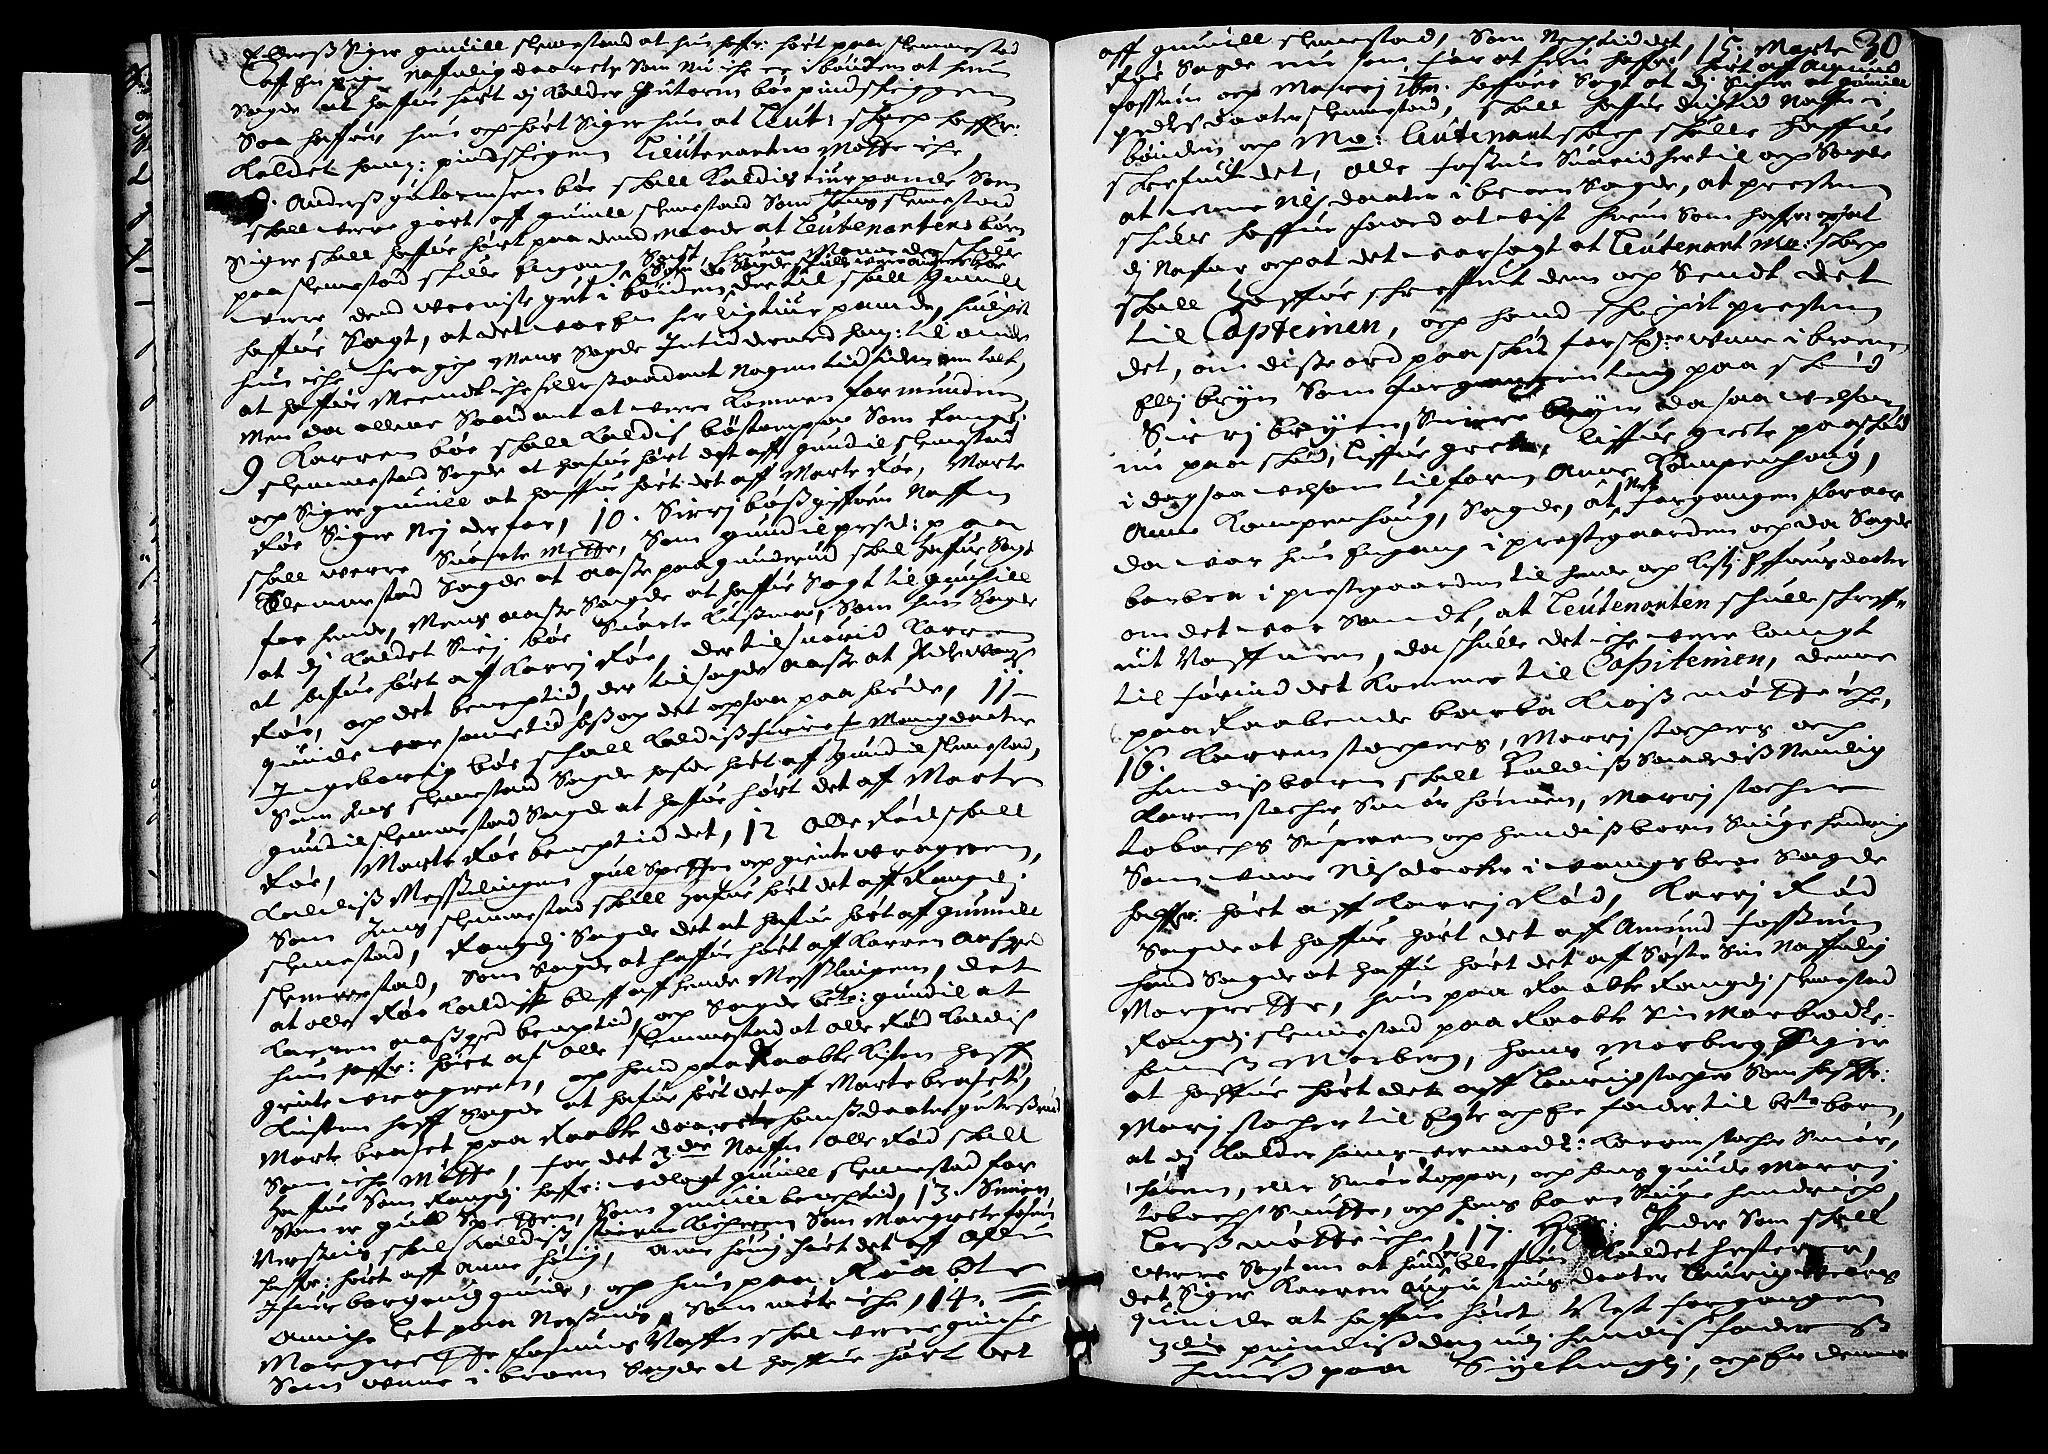 SAKO, Lier, Røyken og Hurum sorenskriveri, F/Fa/L0029: Tingbok, 1688, s. 30